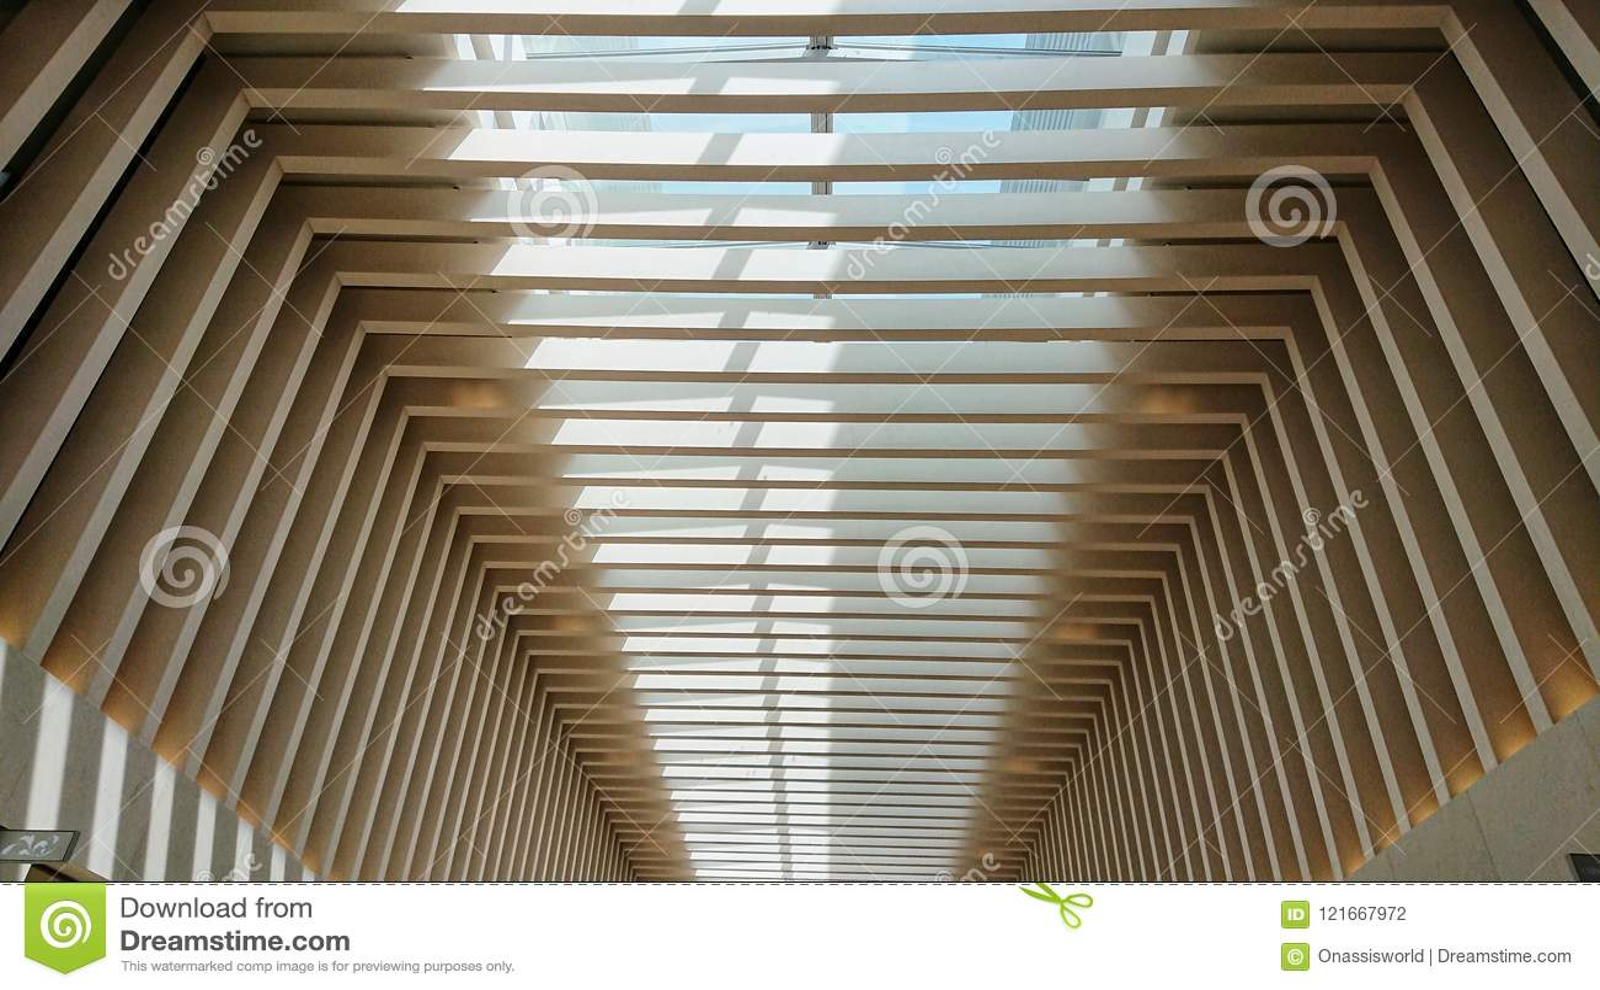 Современный потолок центра роскошных магазинов